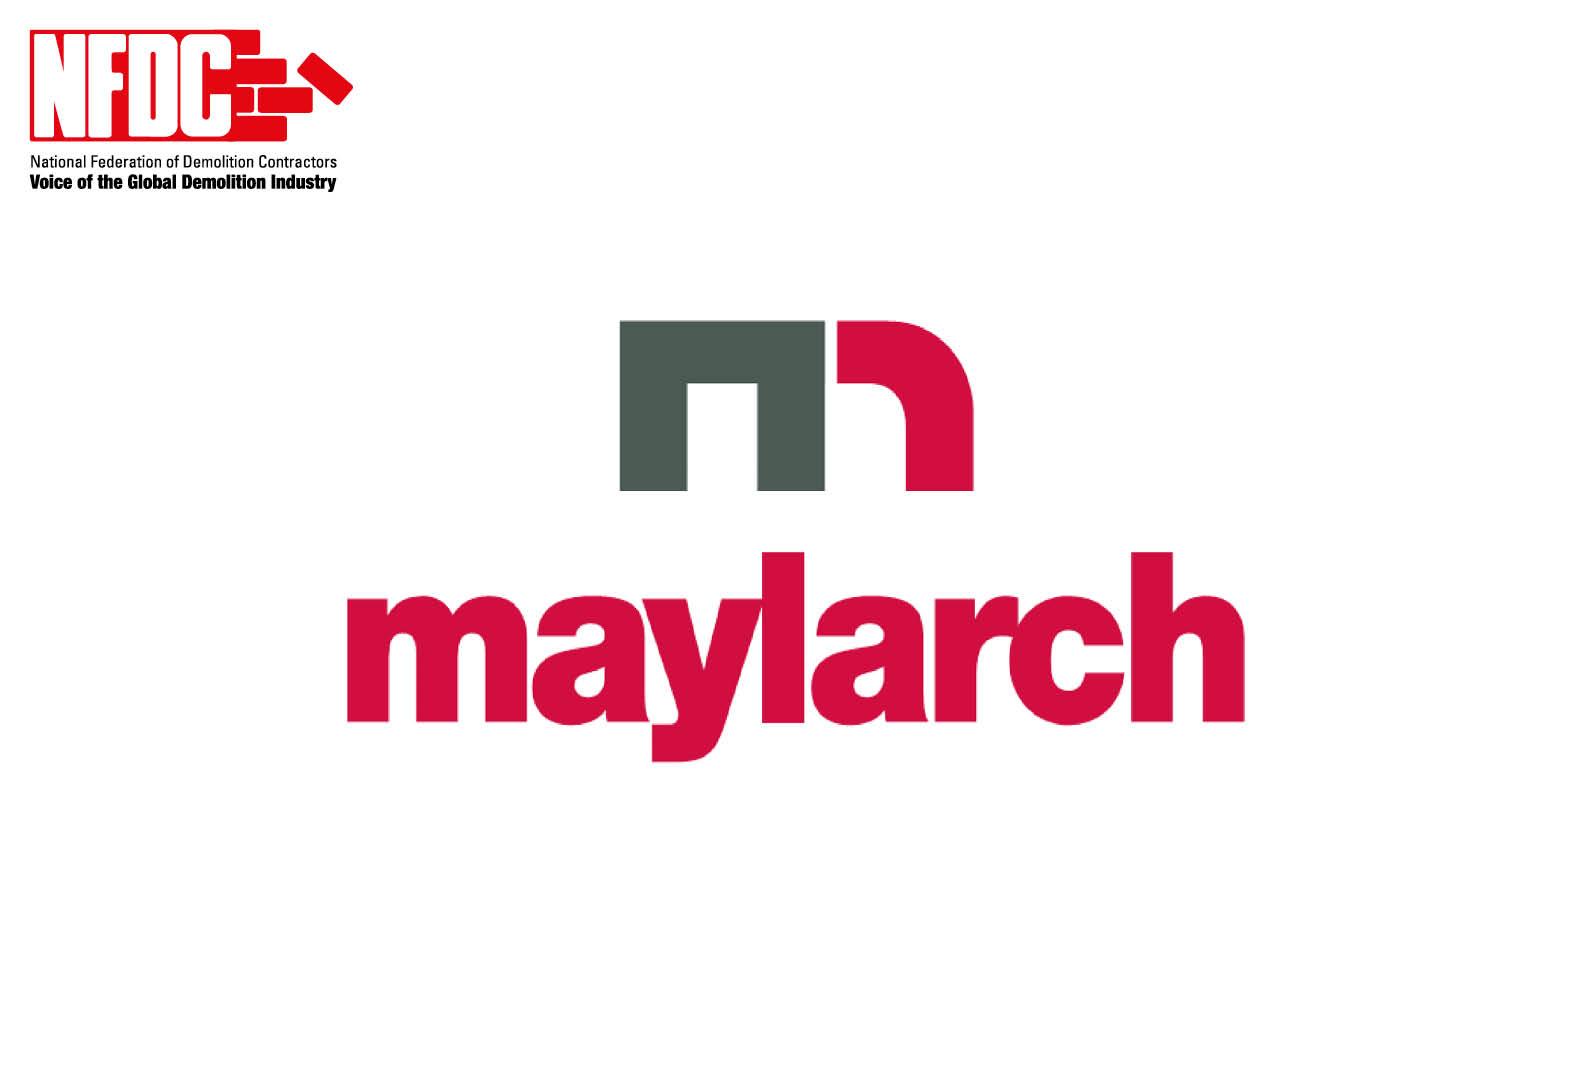 Maylarch